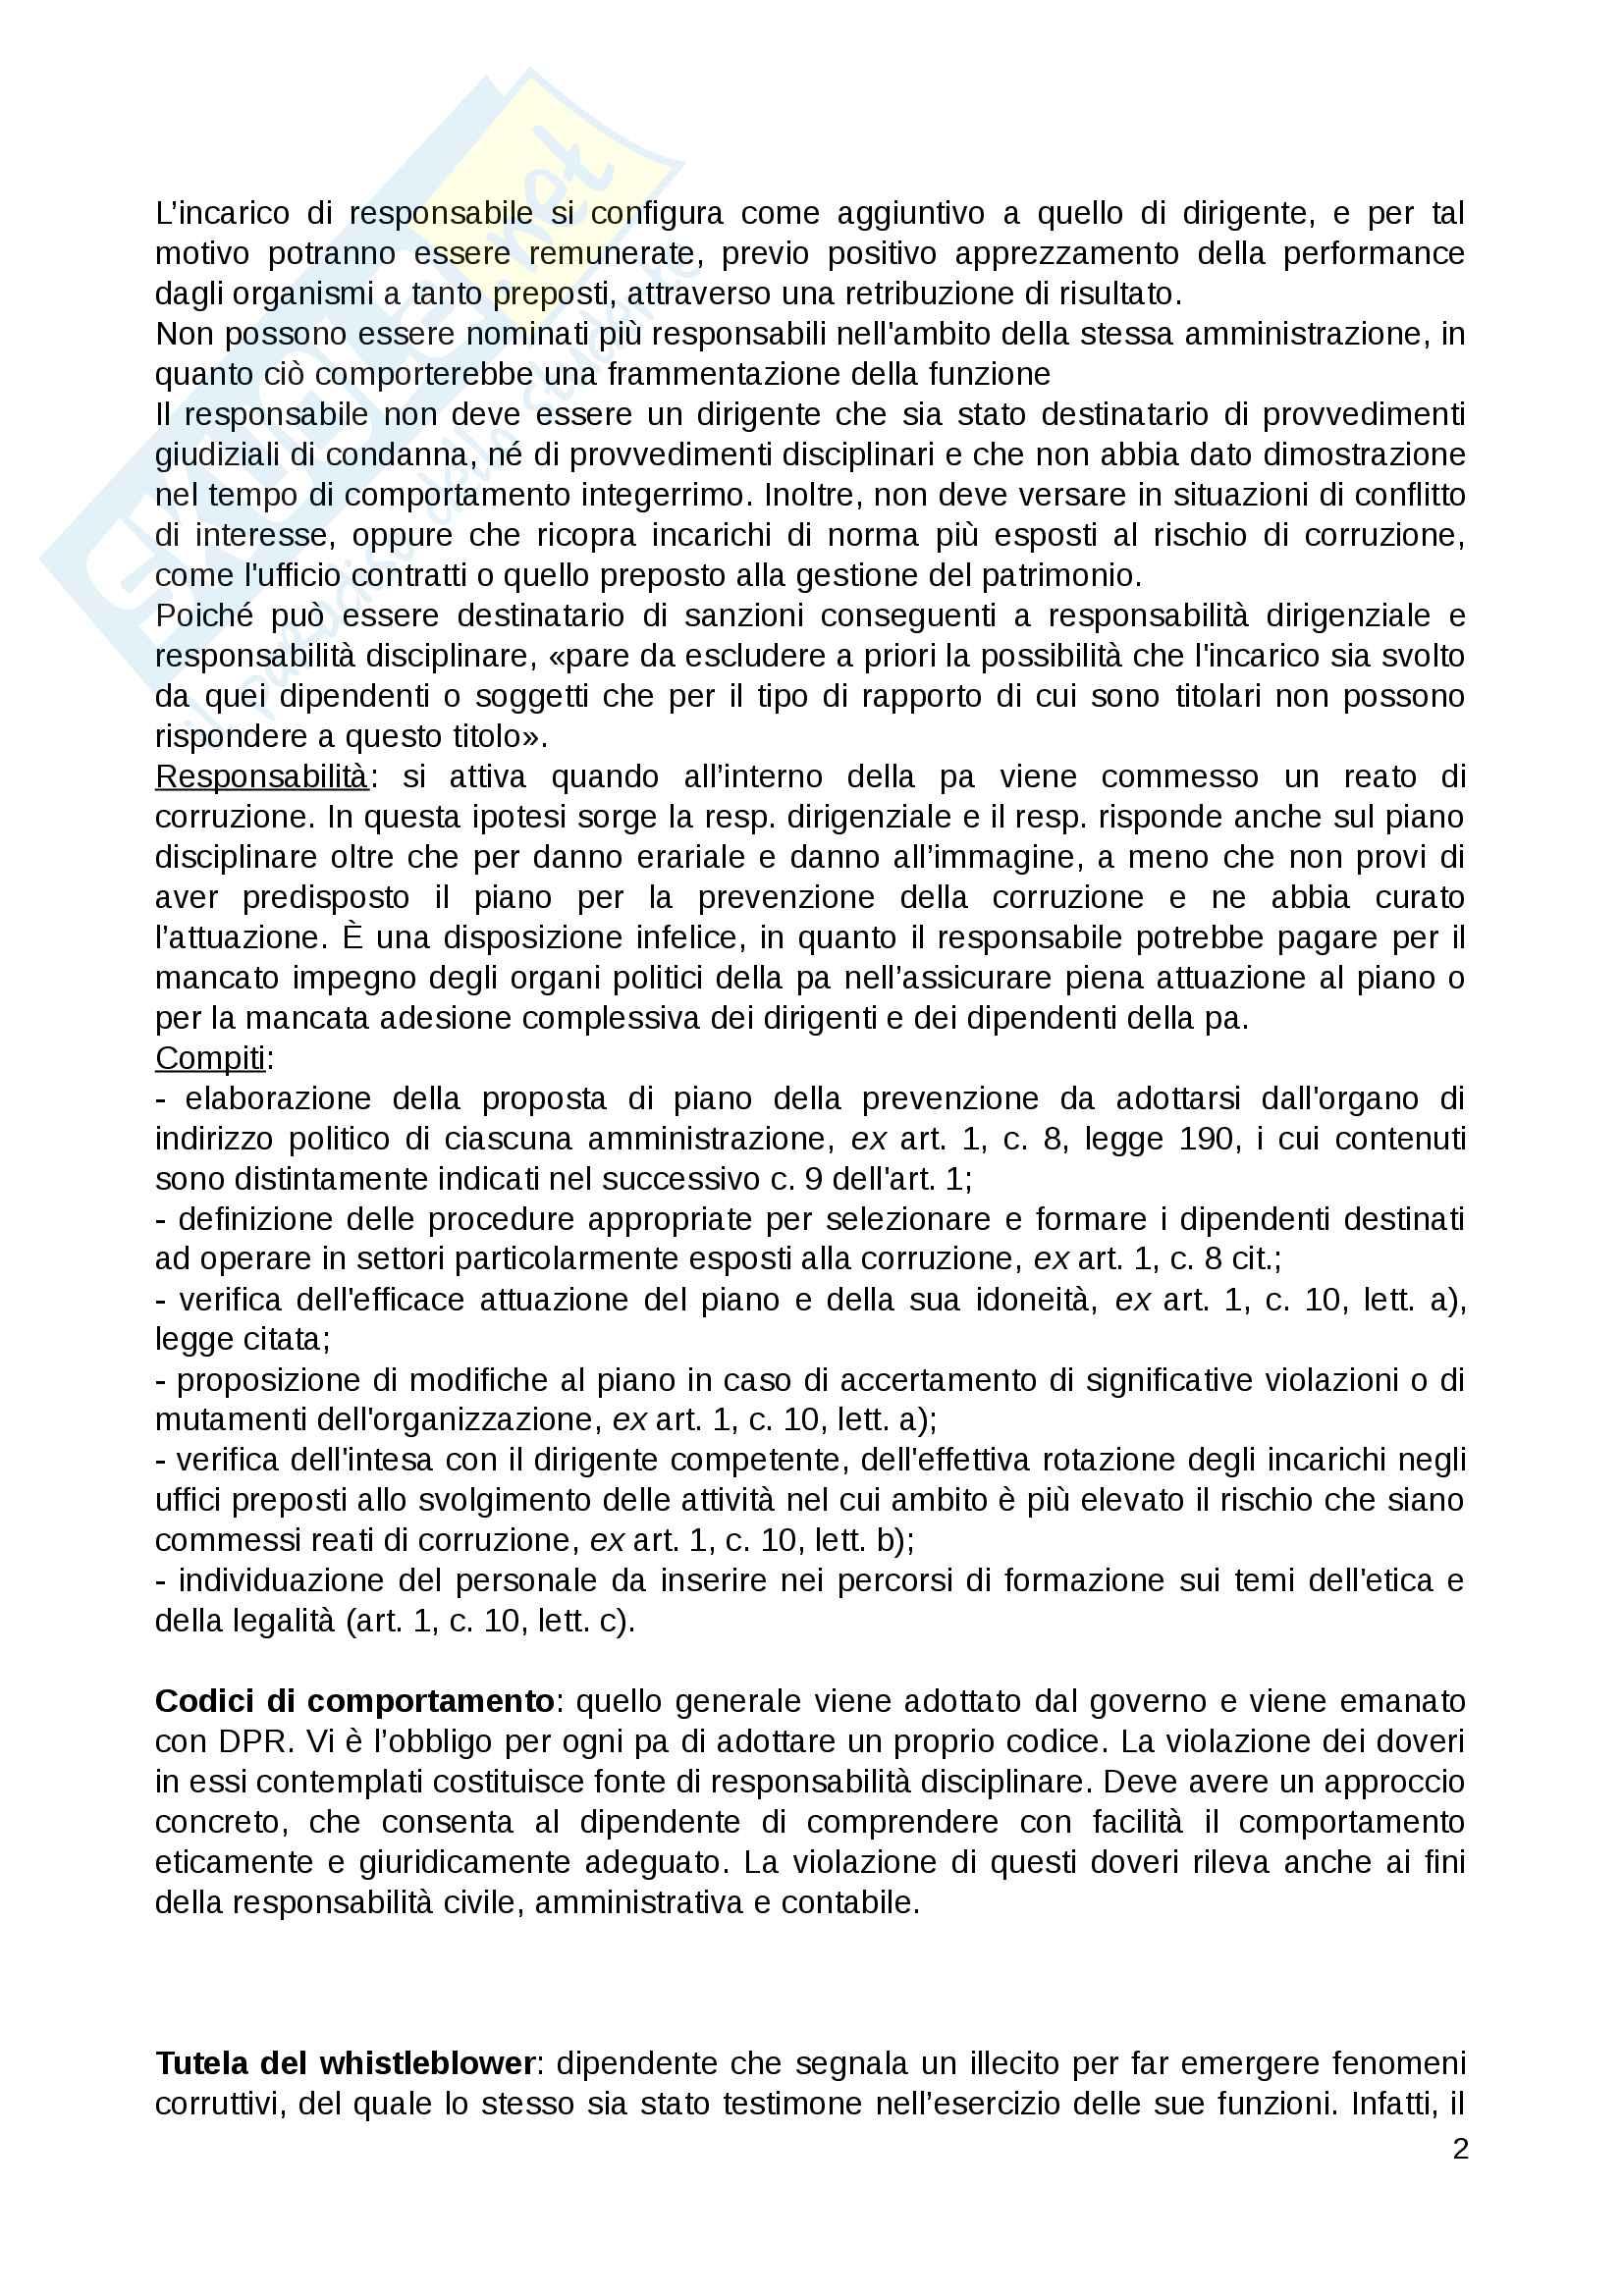 Anticorruzione Pag. 2